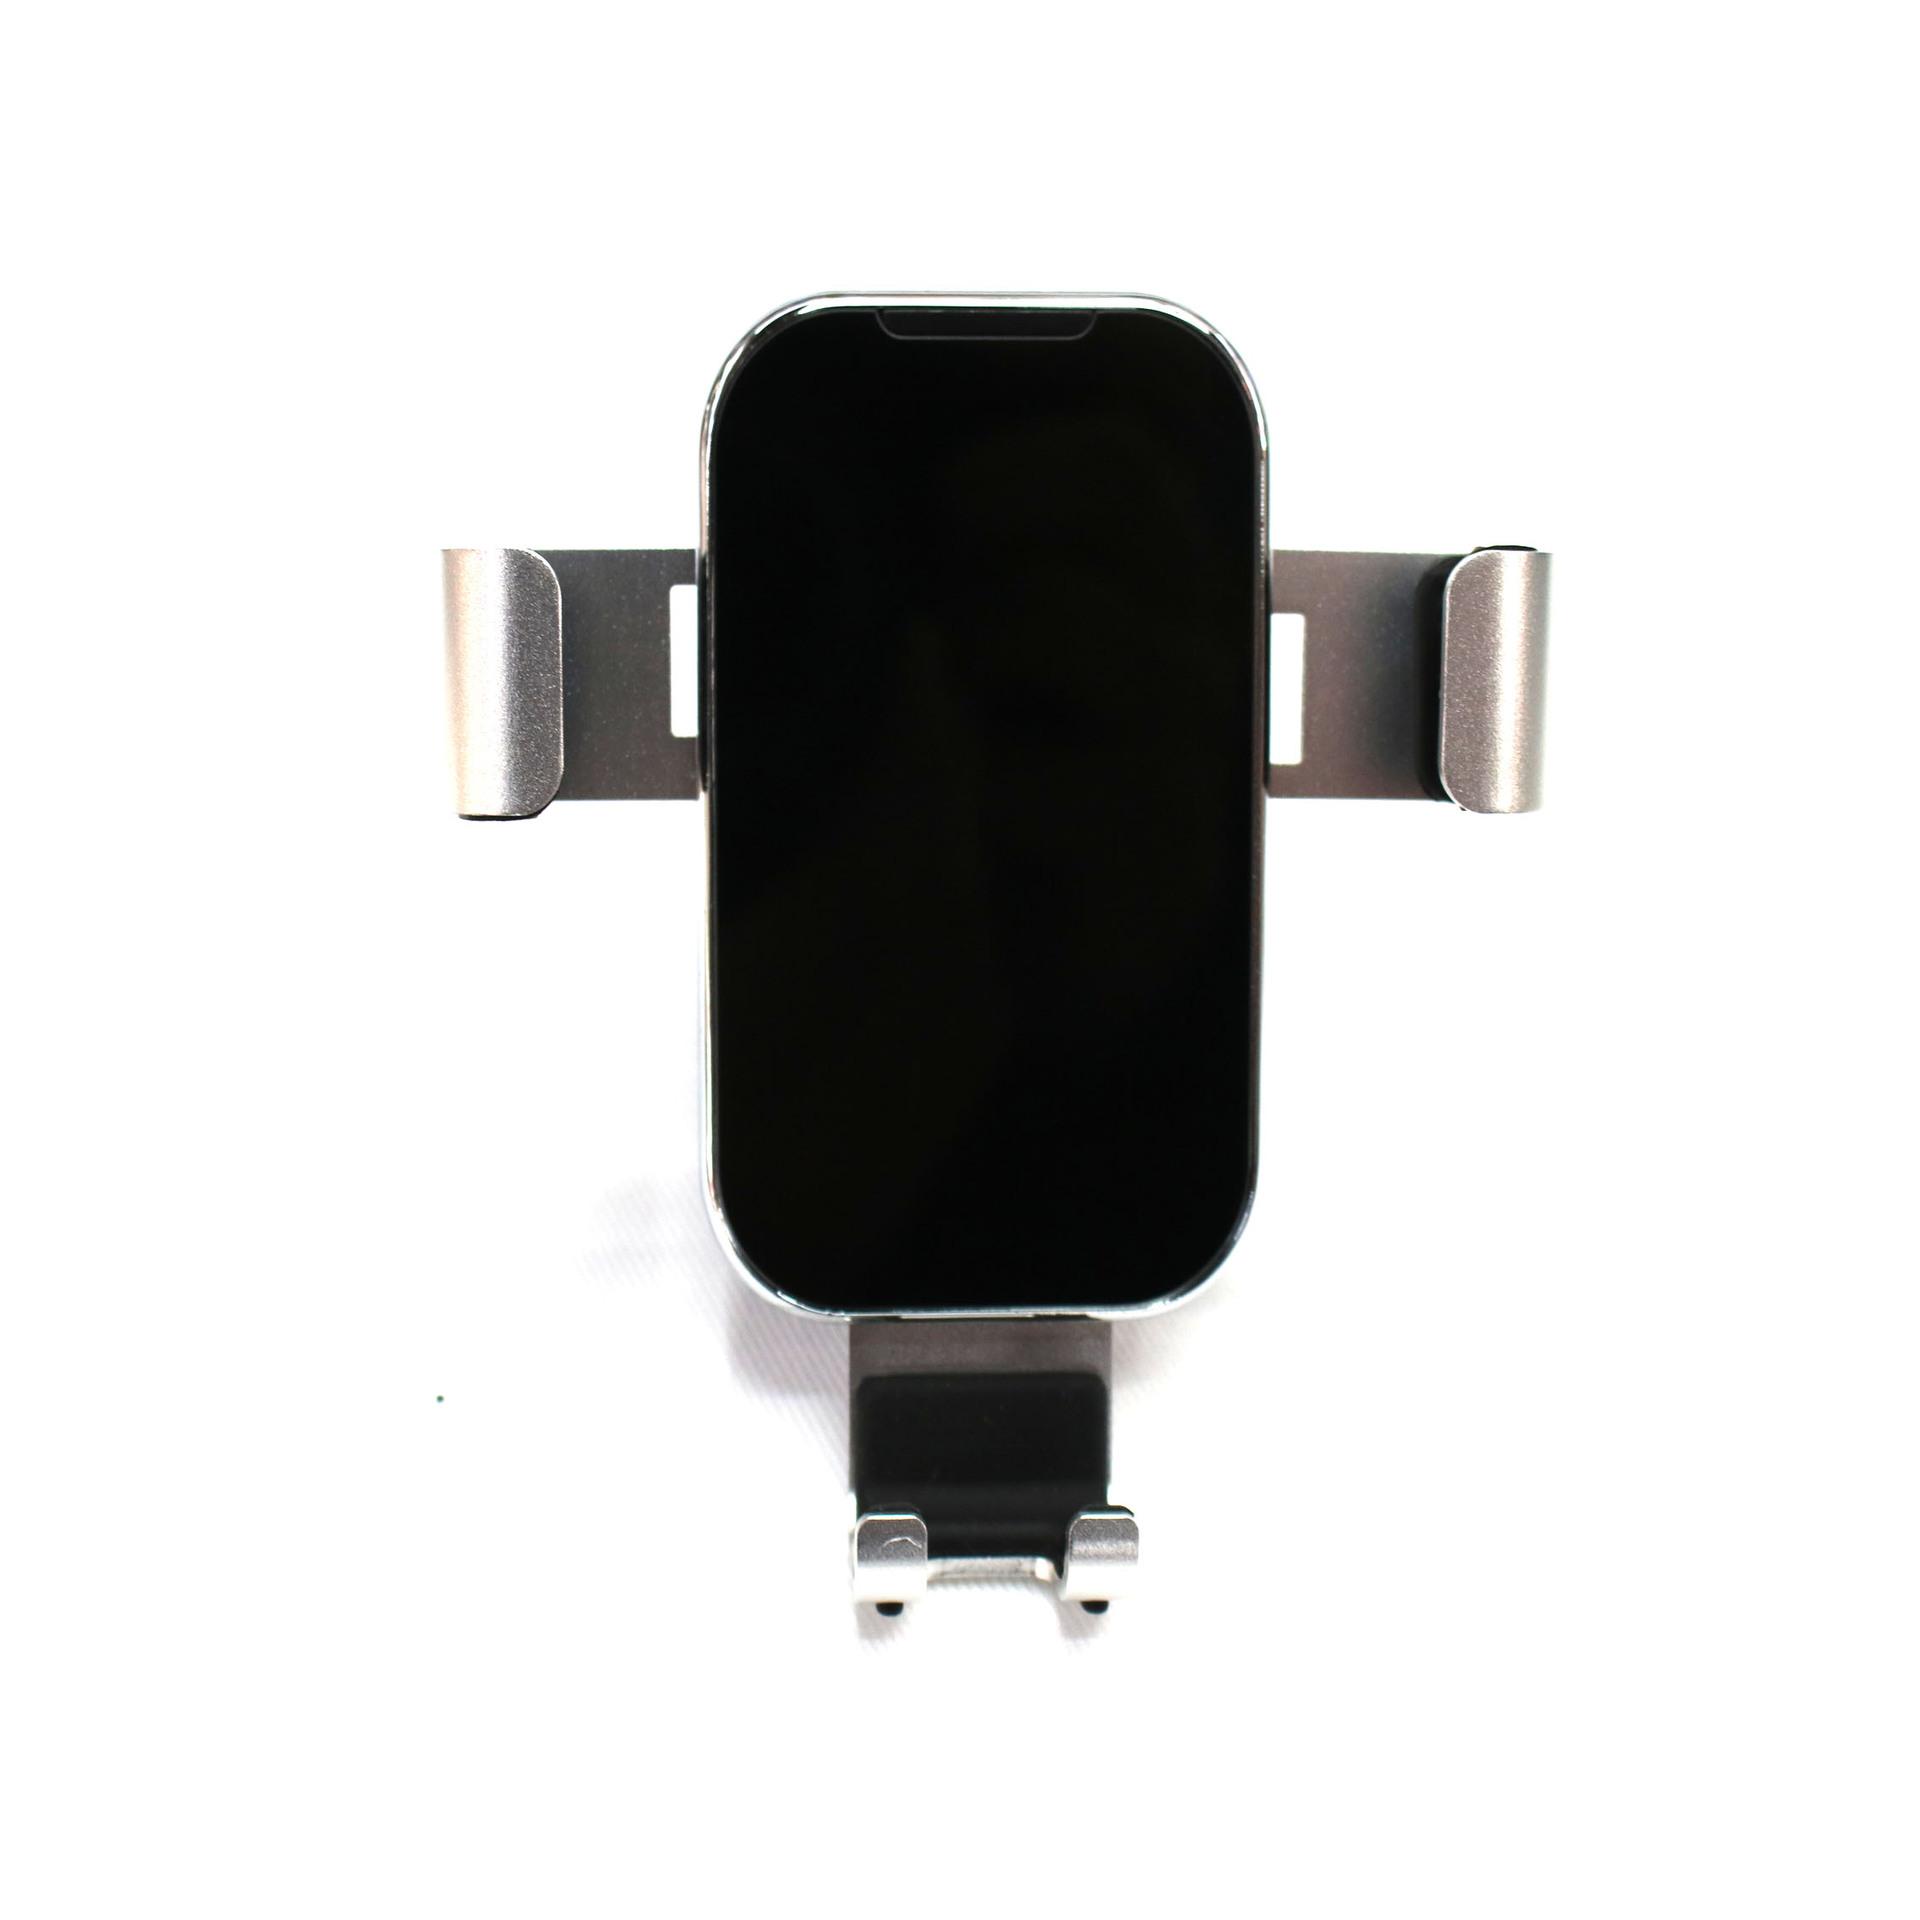 精品三代一条手机支架汽车重力支架礼品定制车载出风导航手机支架黑